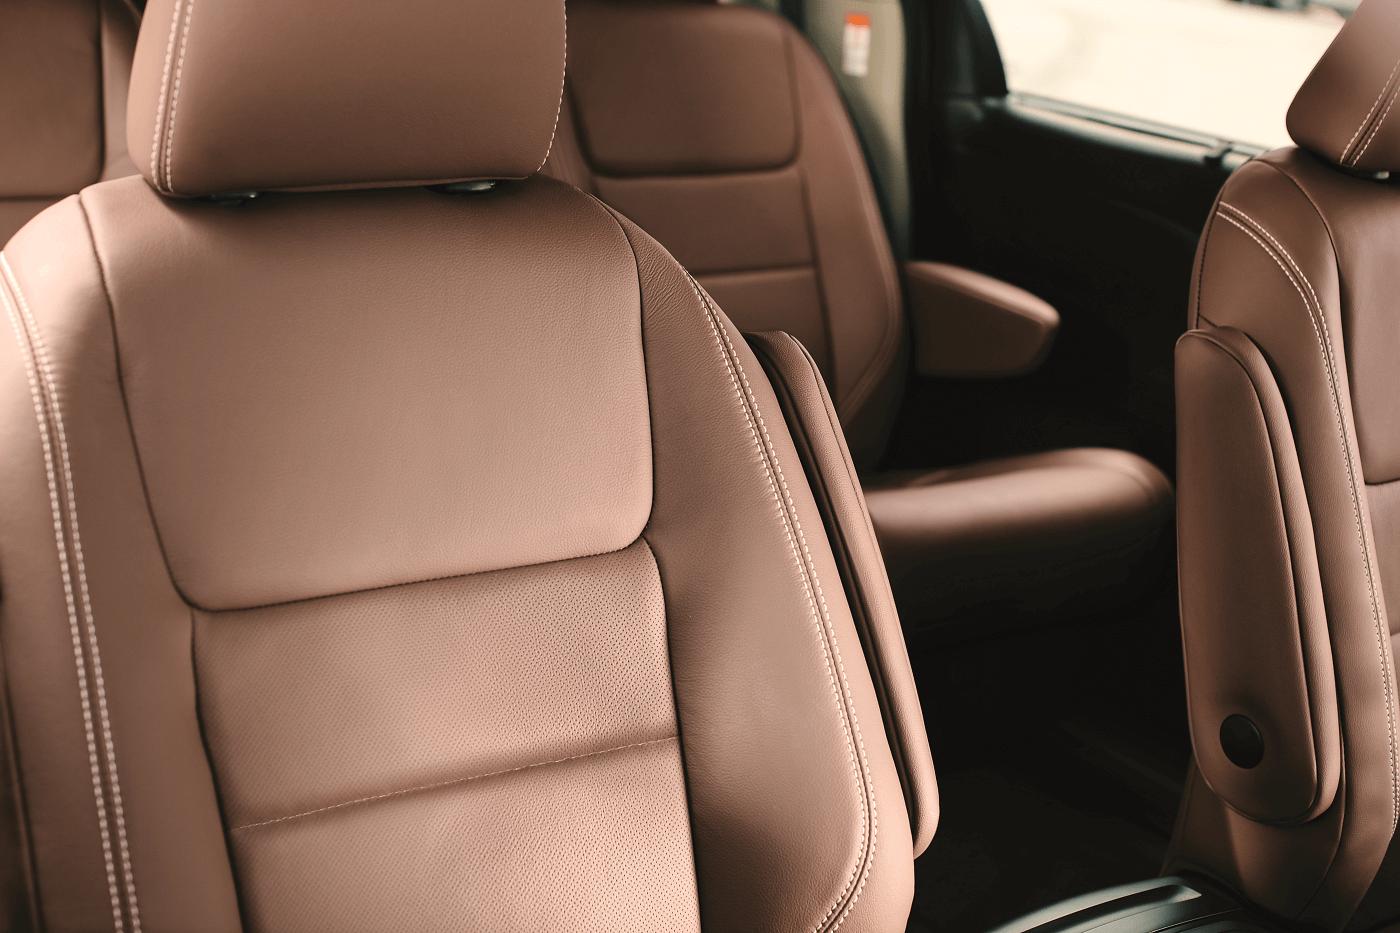 Toyota Sienna Interior Cabin